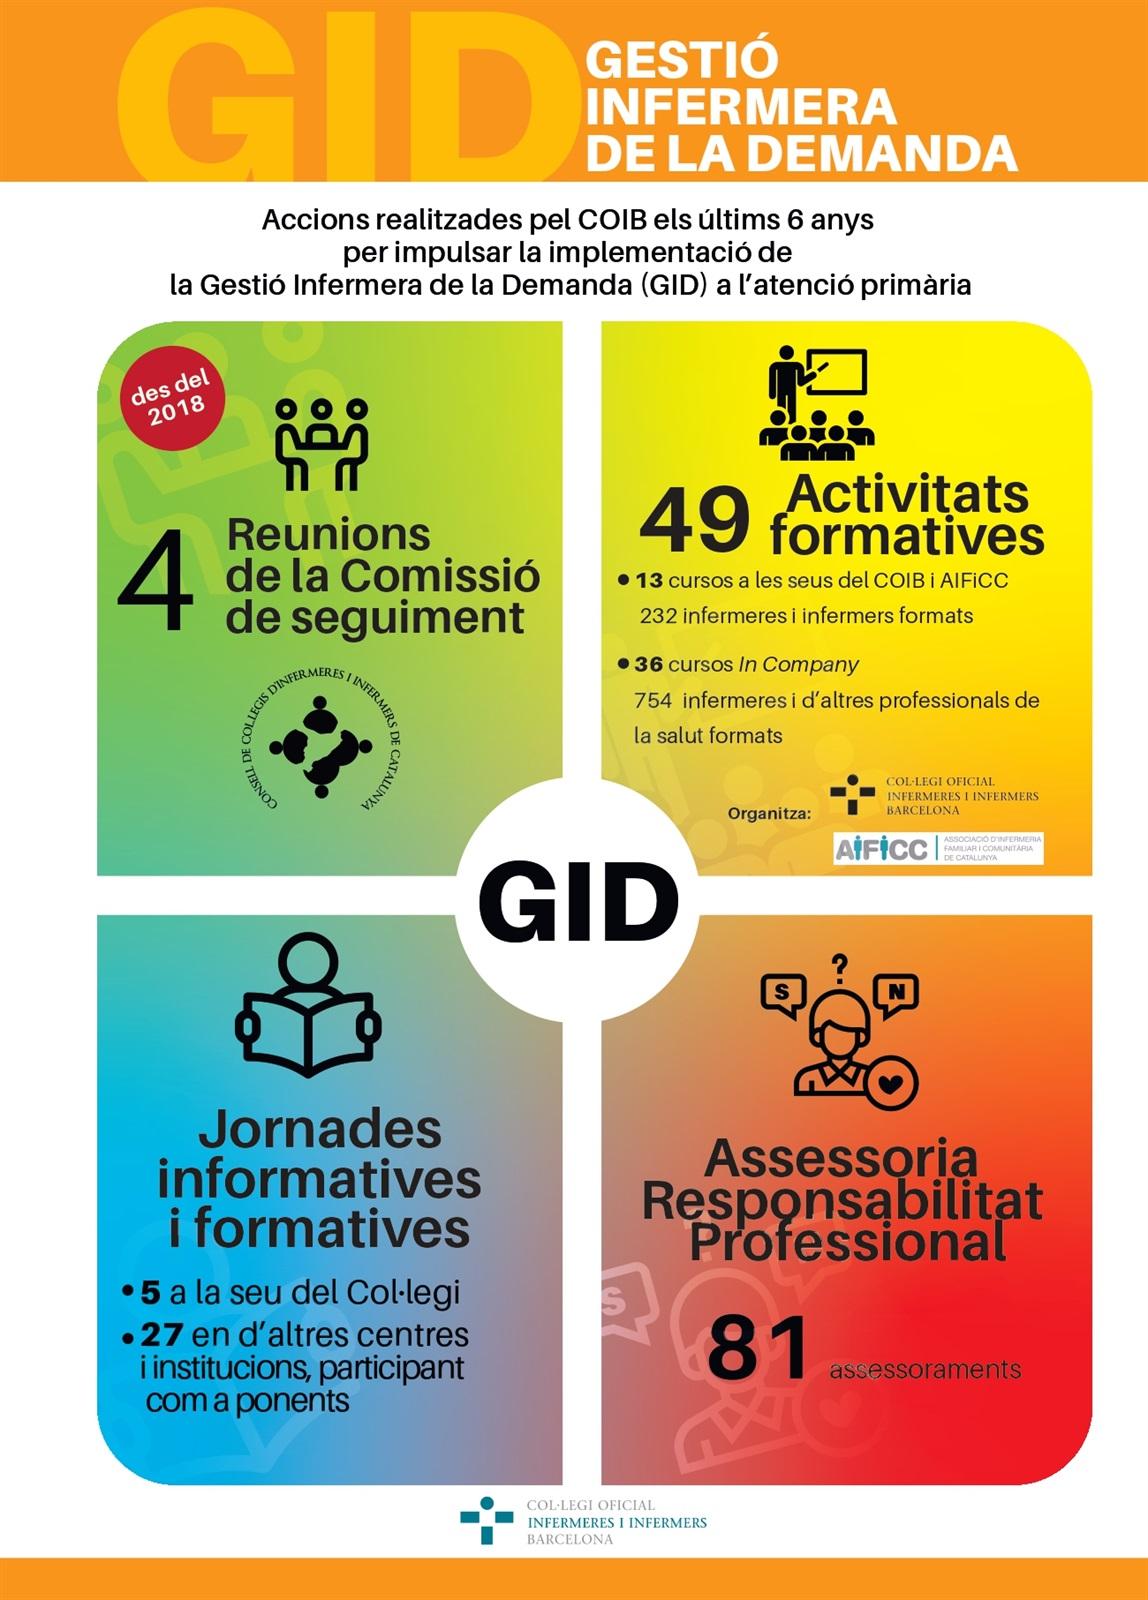 L'OIGS publica el document de bones pràctiques de la Gestió Infermera de la Demanda, un nou pas per afermar la seva implementació a l'atenció primària